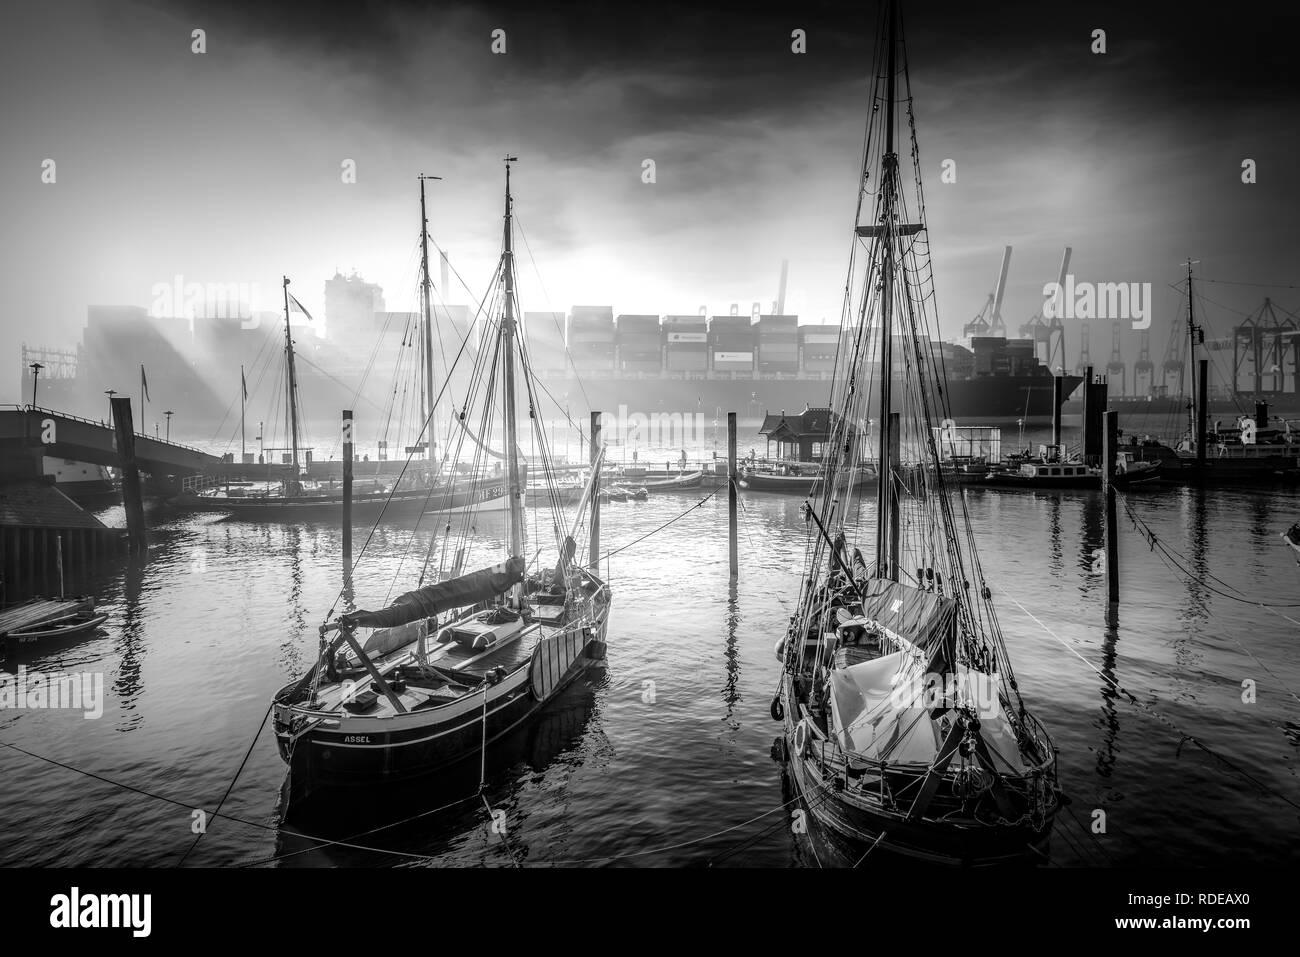 Deutschland, Hamburg, Elbe, Hafen, Övelgönne, Museumshafen, Container, Containerschiff Stock Photo